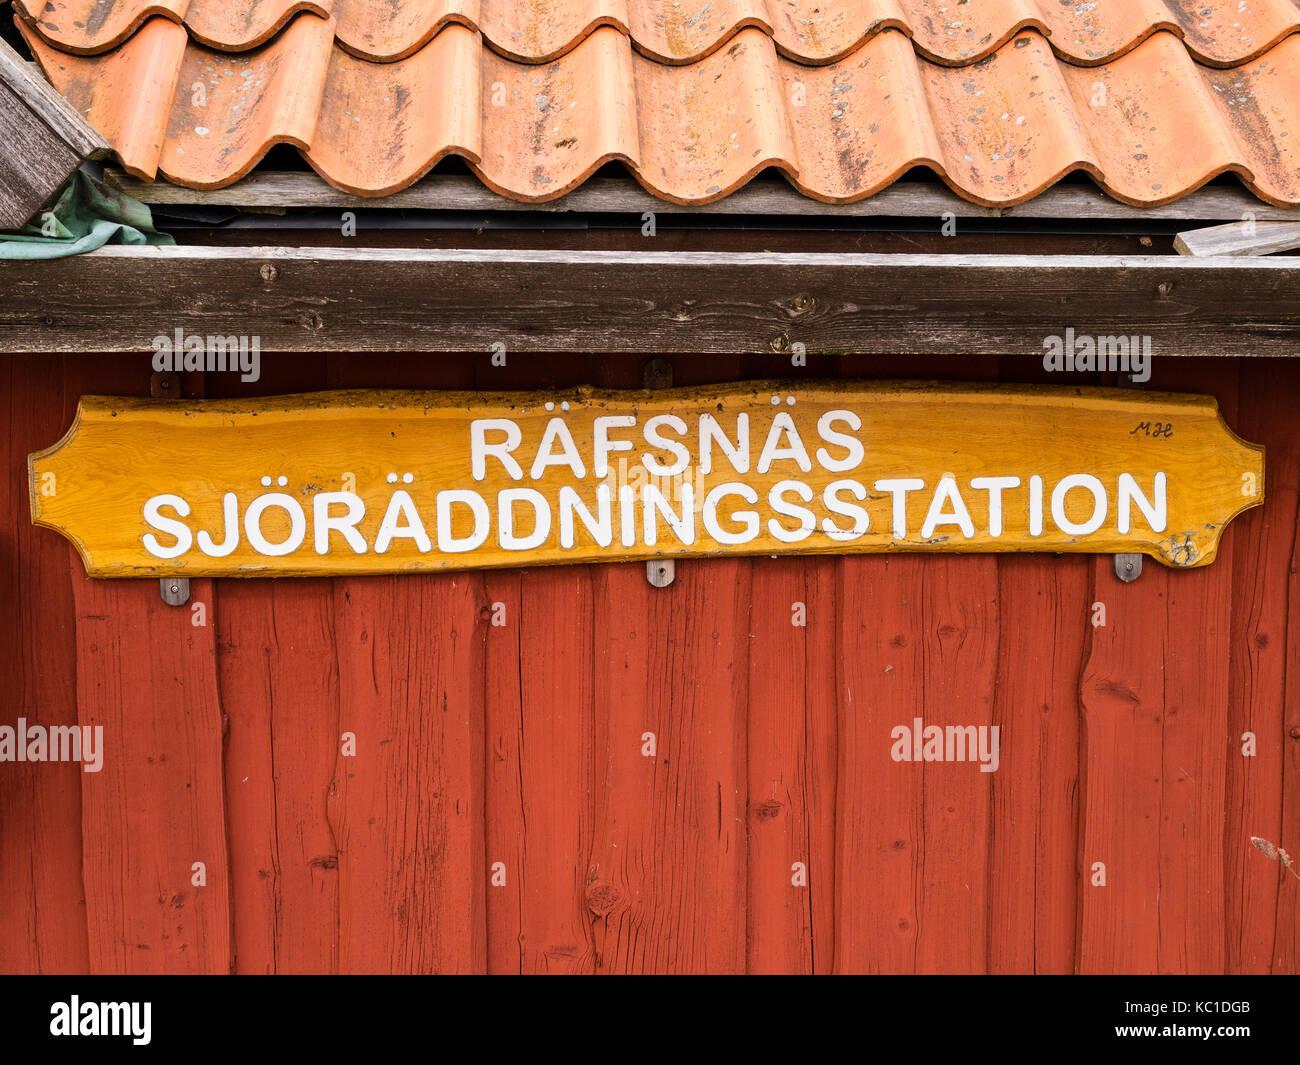 Maison de la Société suédoise de sauvetage maritime dans le port de Räfsnäs , près de Grädddö, Rådmansö dans l'archipel de Roslagen, Stockholm, Suède, Europé. Banque D'Images